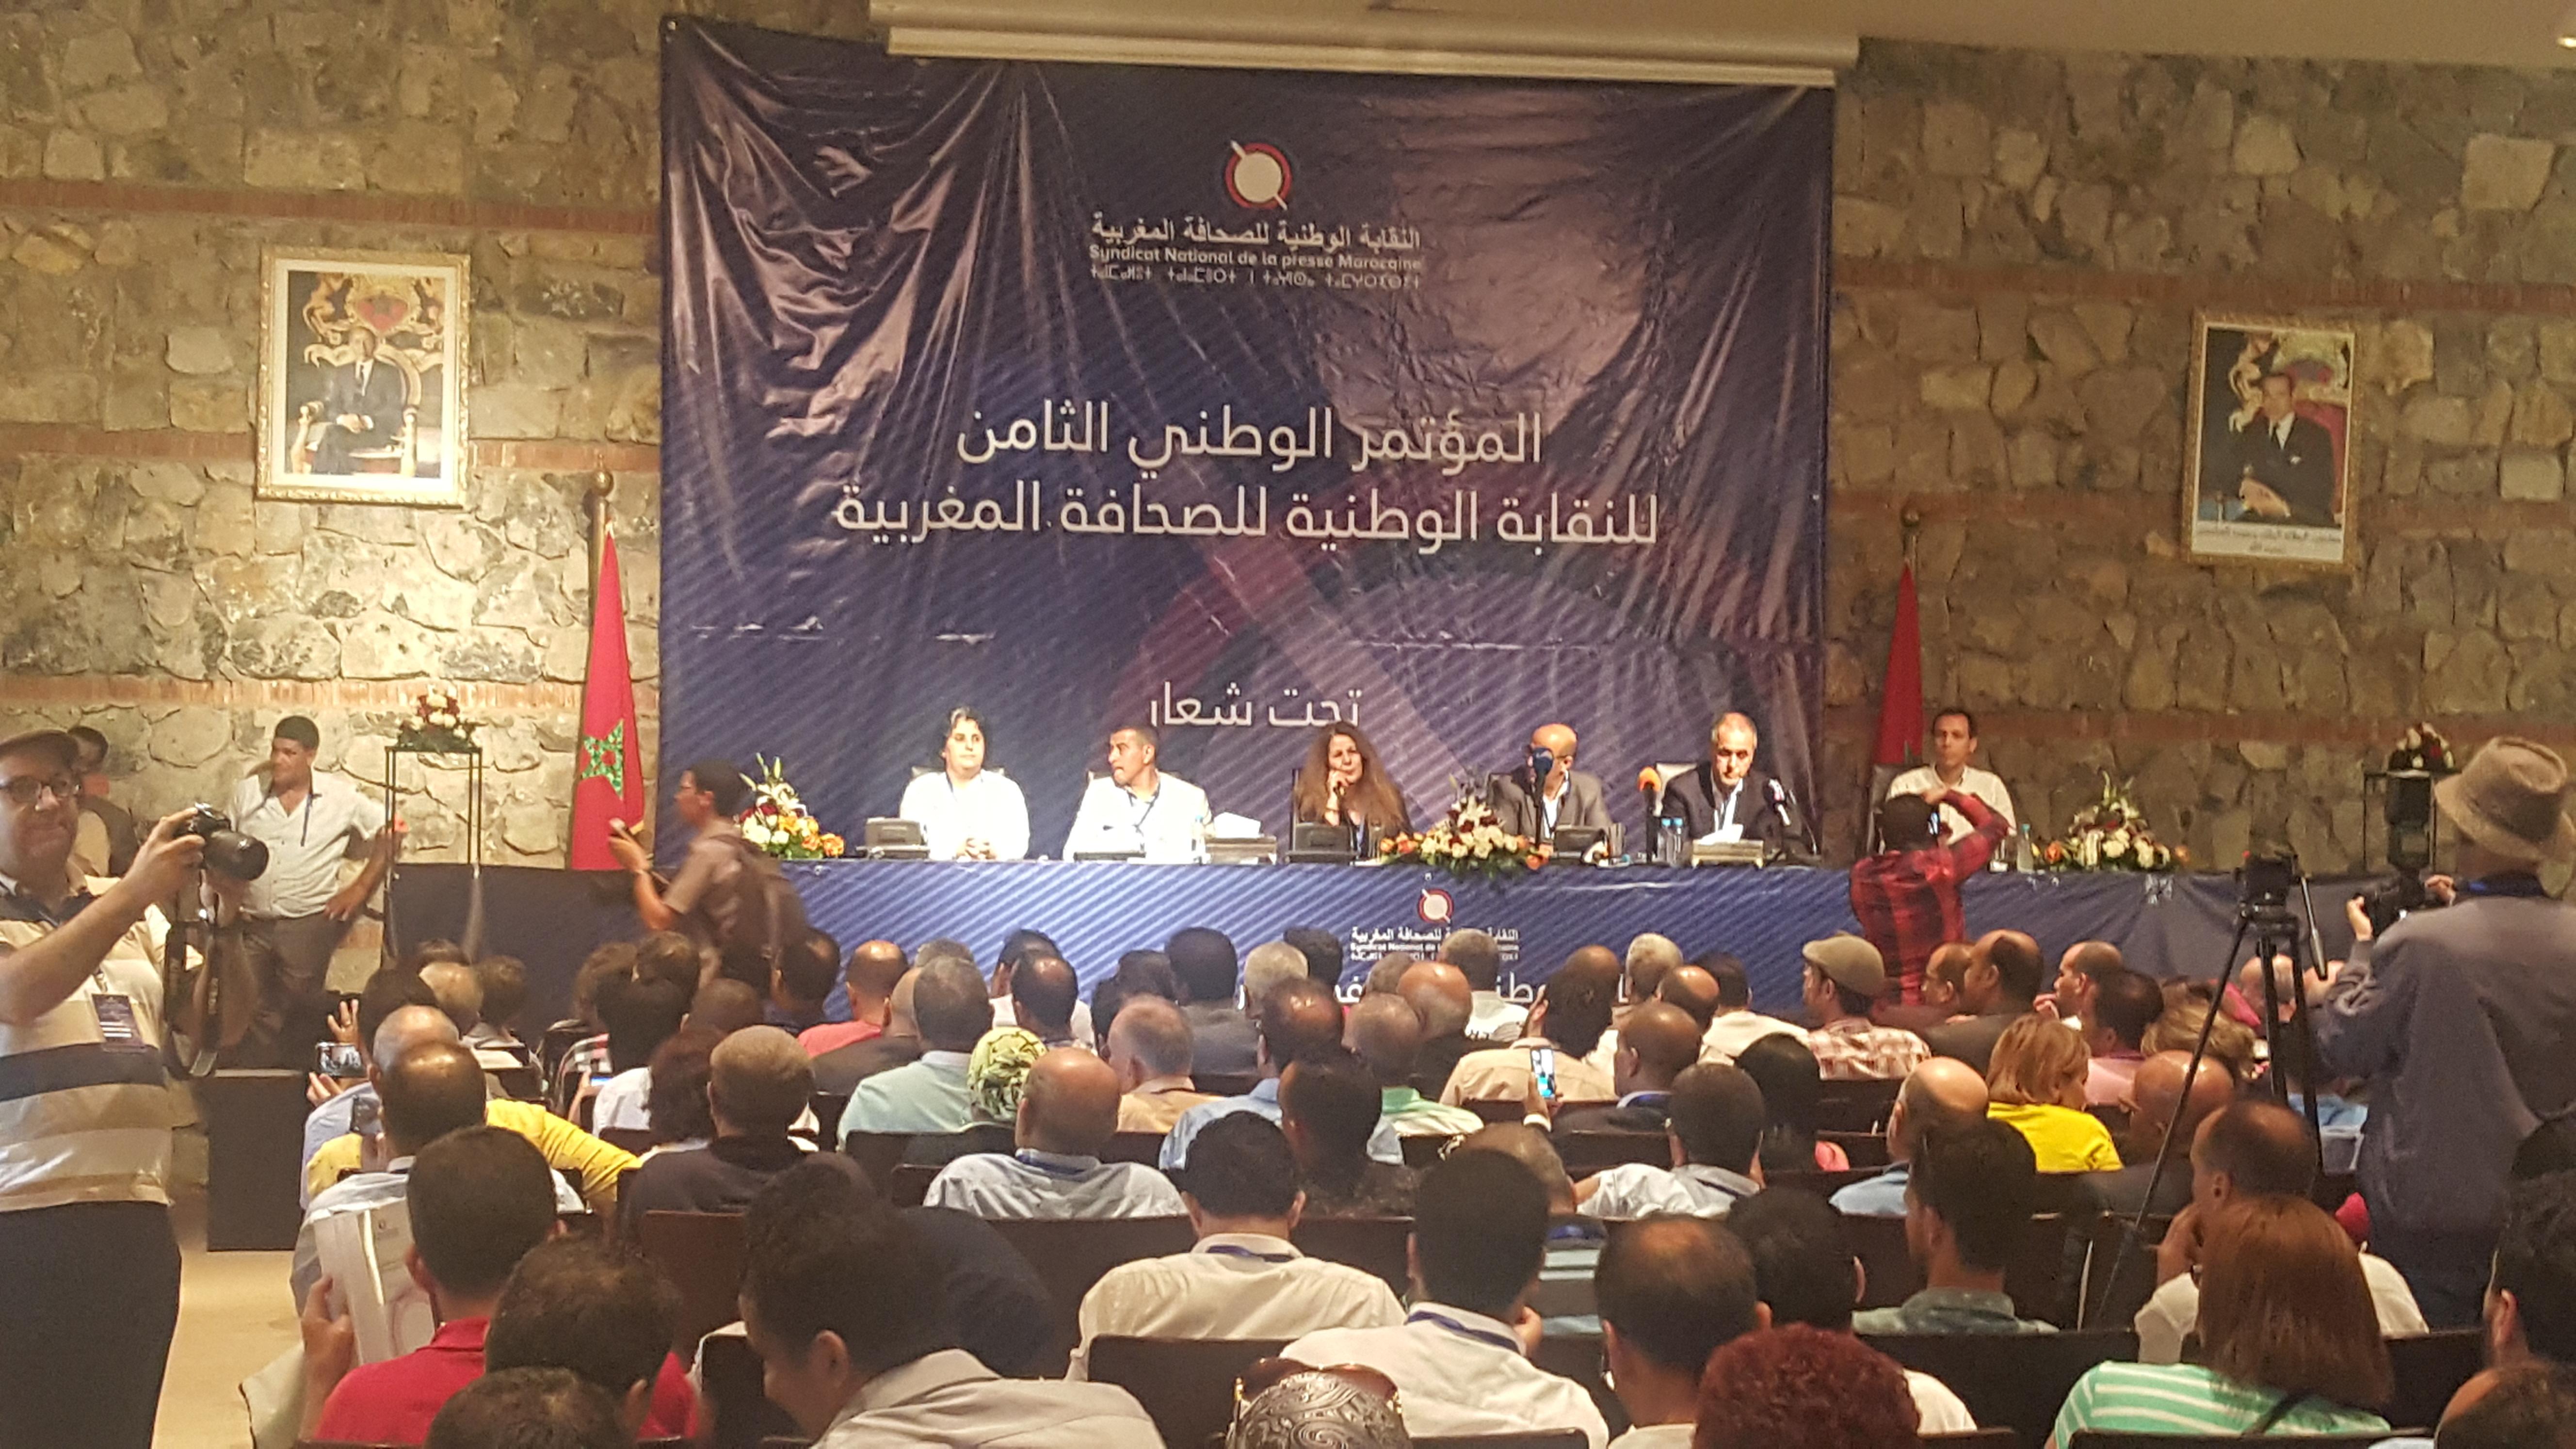 أنظار الصحافيين المغاربة والأجانب متجهة صوب مراكش لمواكبة افتتاح المؤتمر الوطني الثامن للنقابة الوطنية للصحافة المغربية